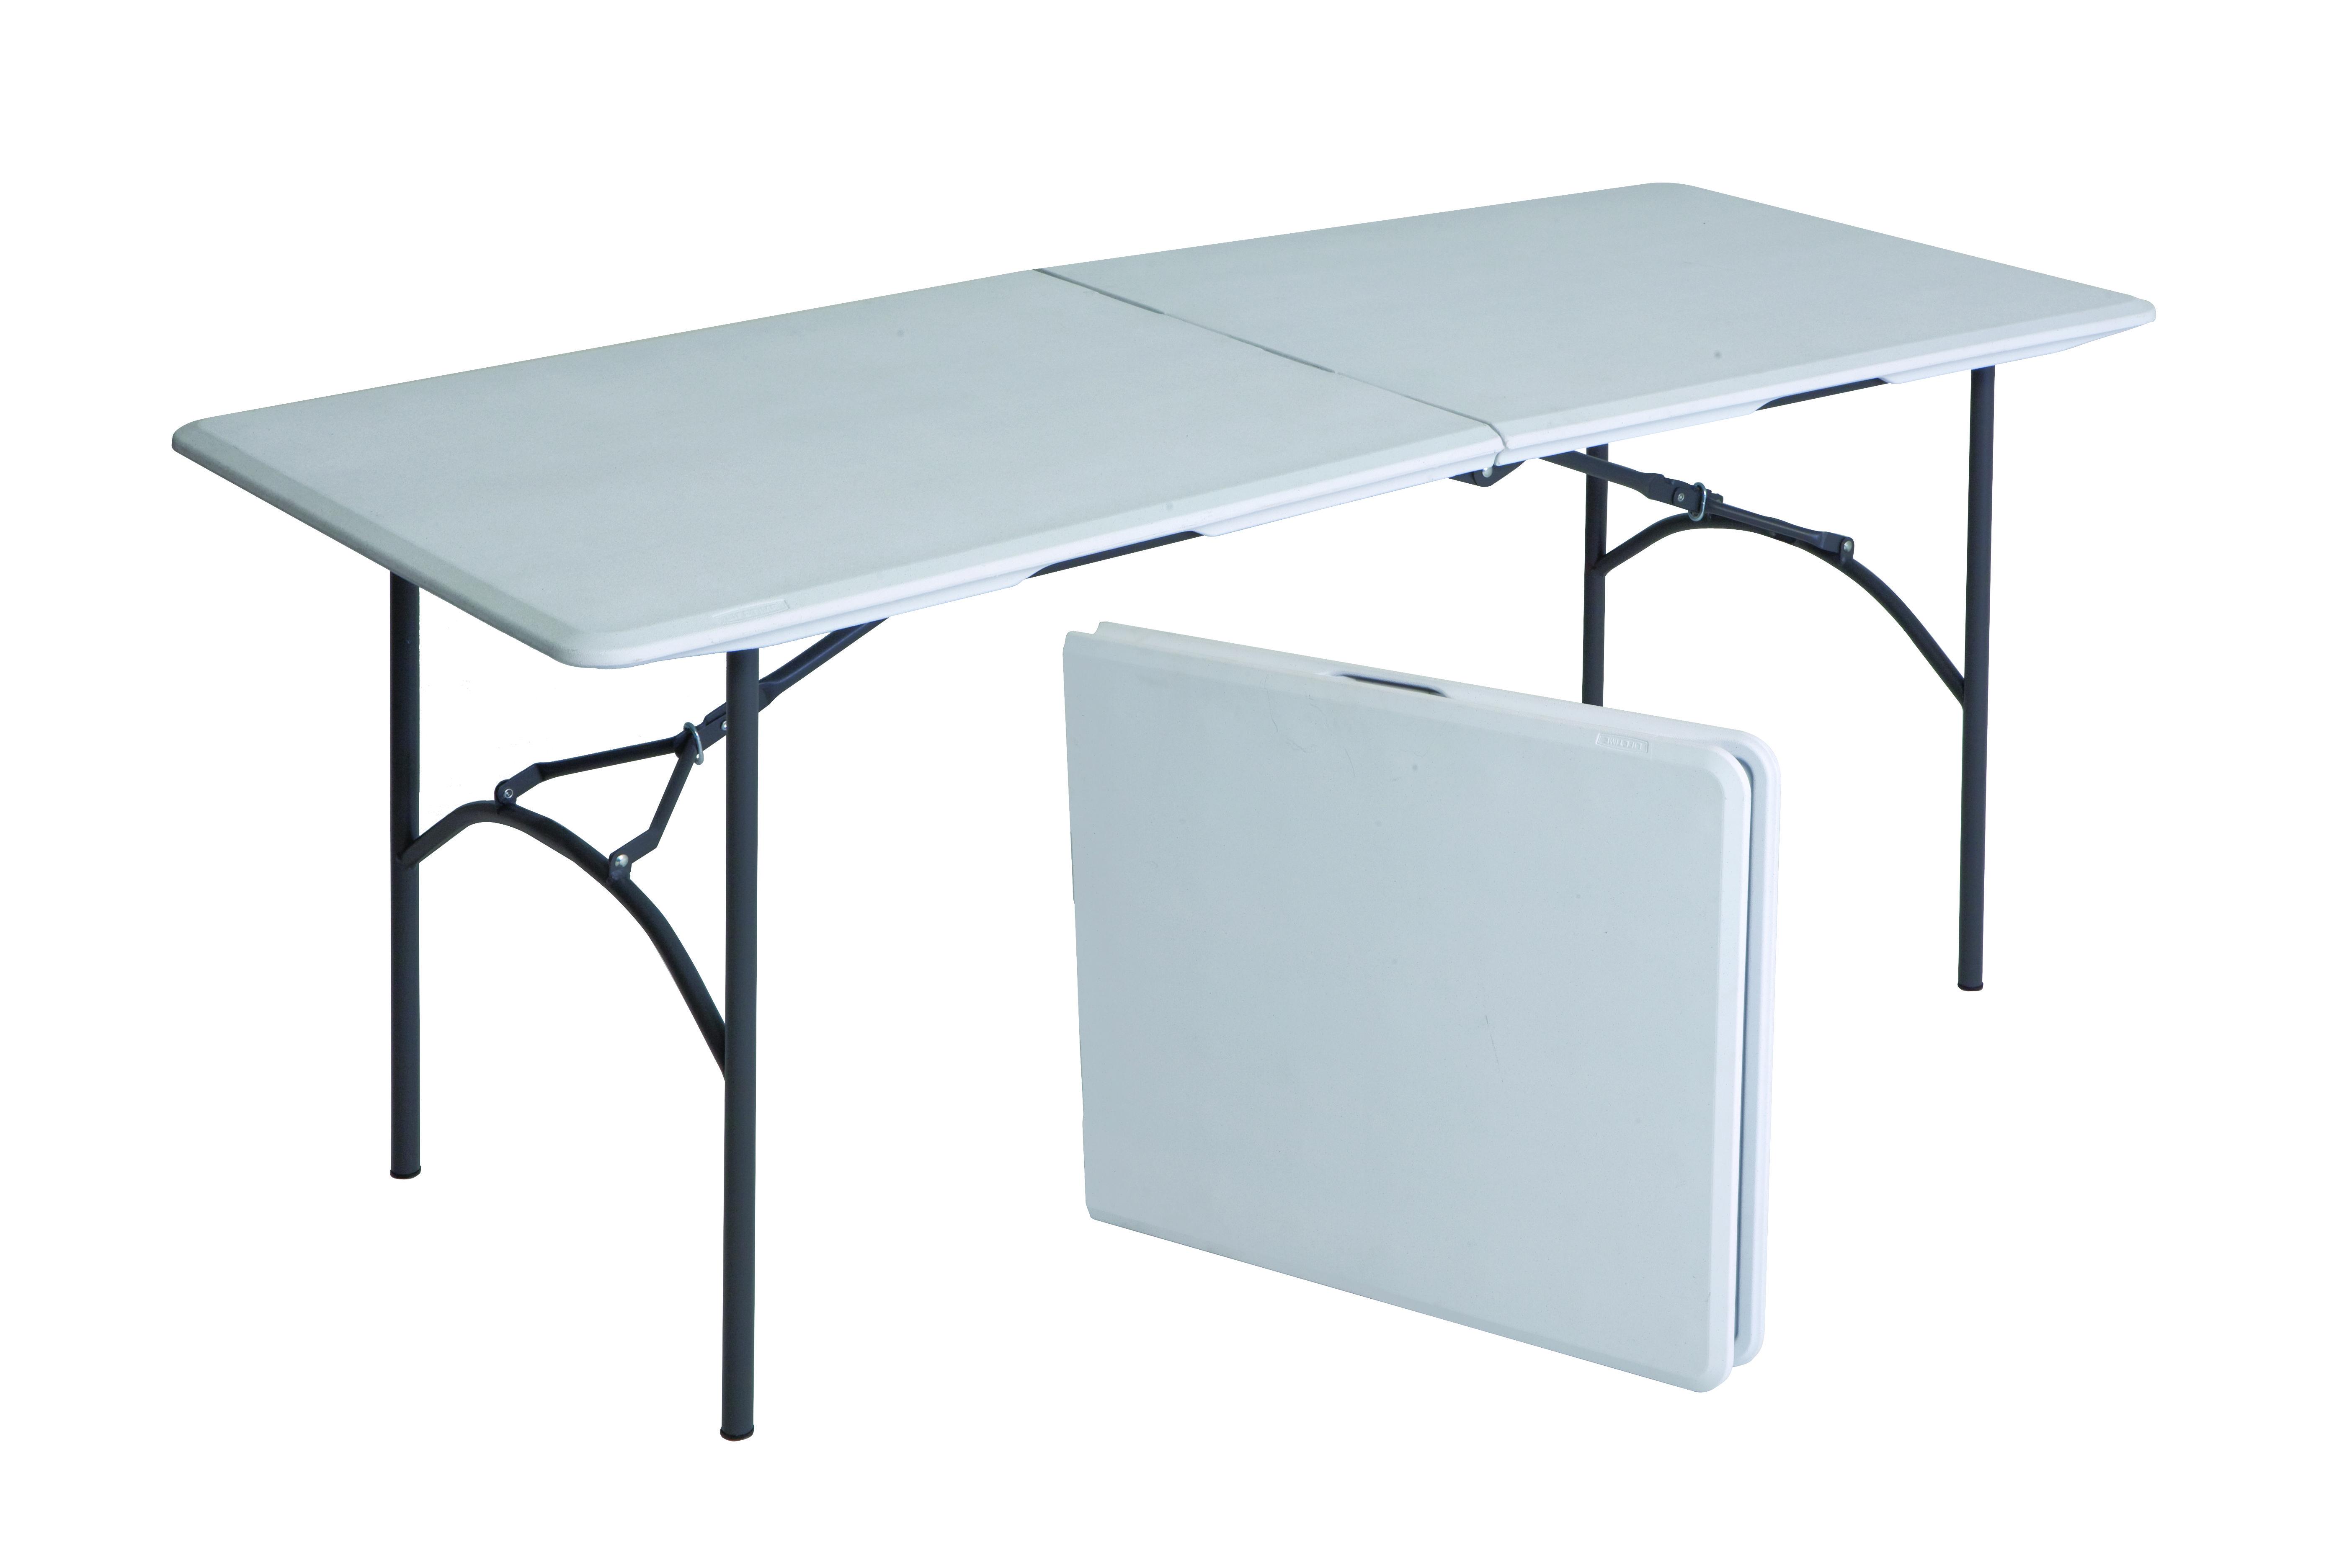 Marquee 183 X 76 X 73 Steel Bi Fold Blow Mould Table Bunnings